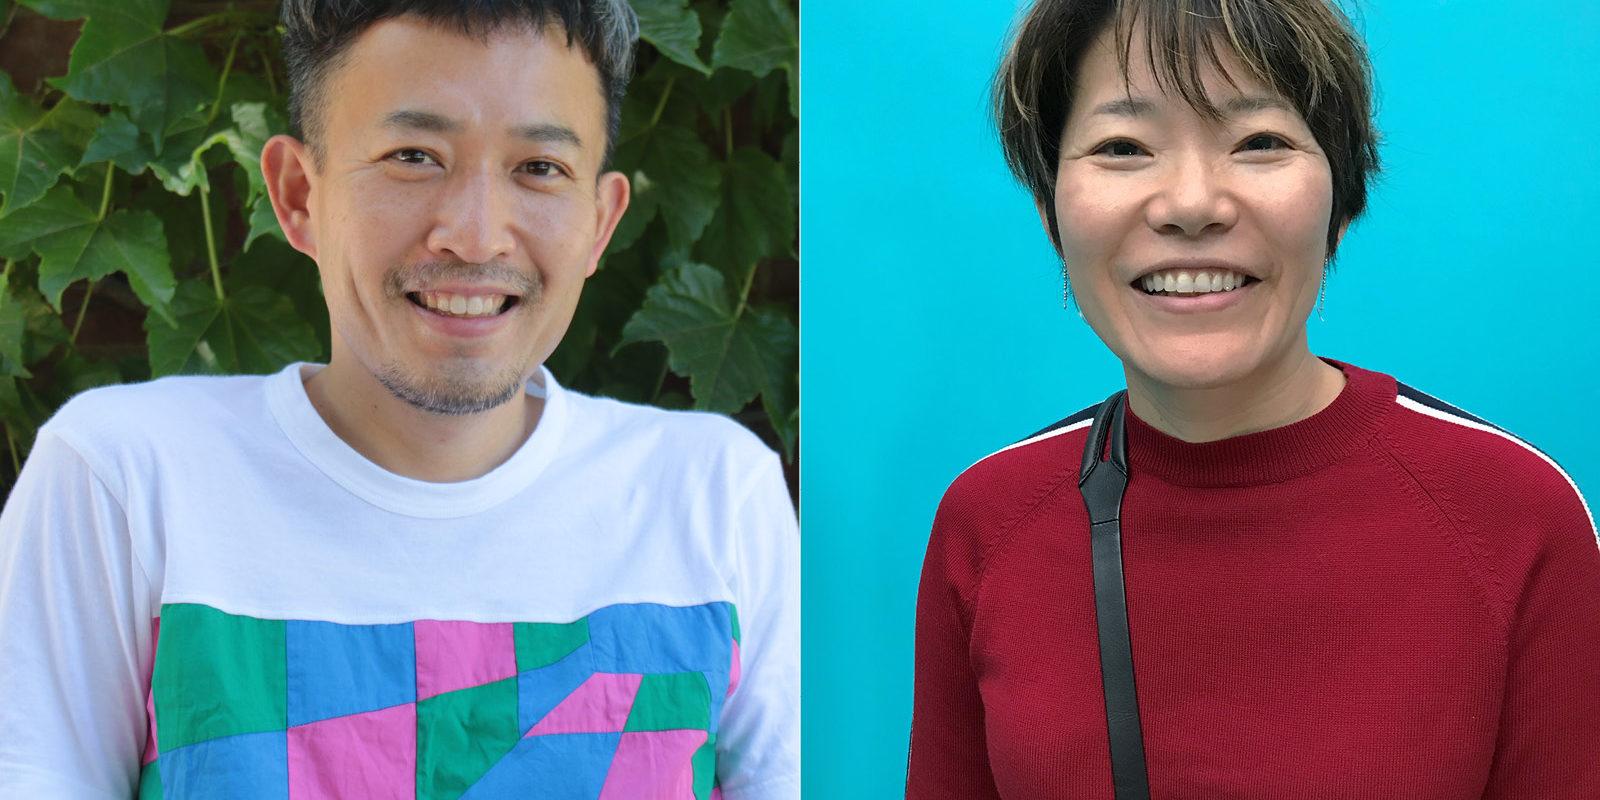 Kyoko Yoshida and Masatsugu Ono